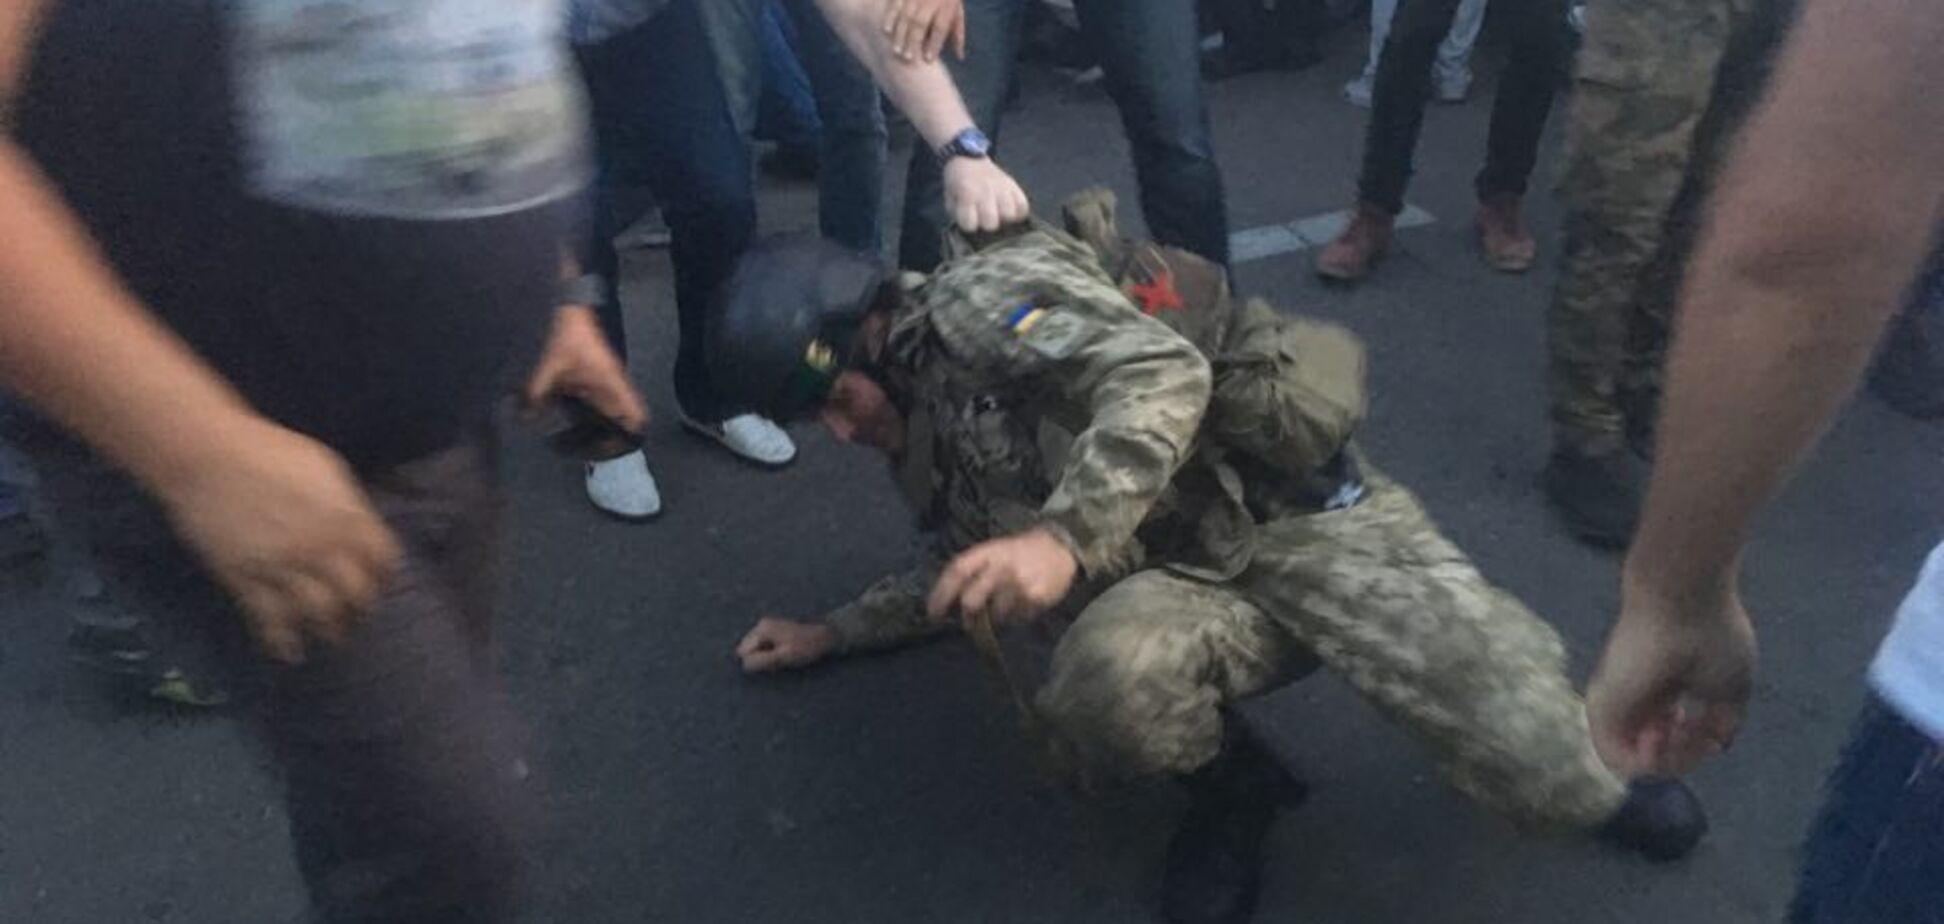 Прорыв Саакашвили: пограничники сделали заявление о применении оружия